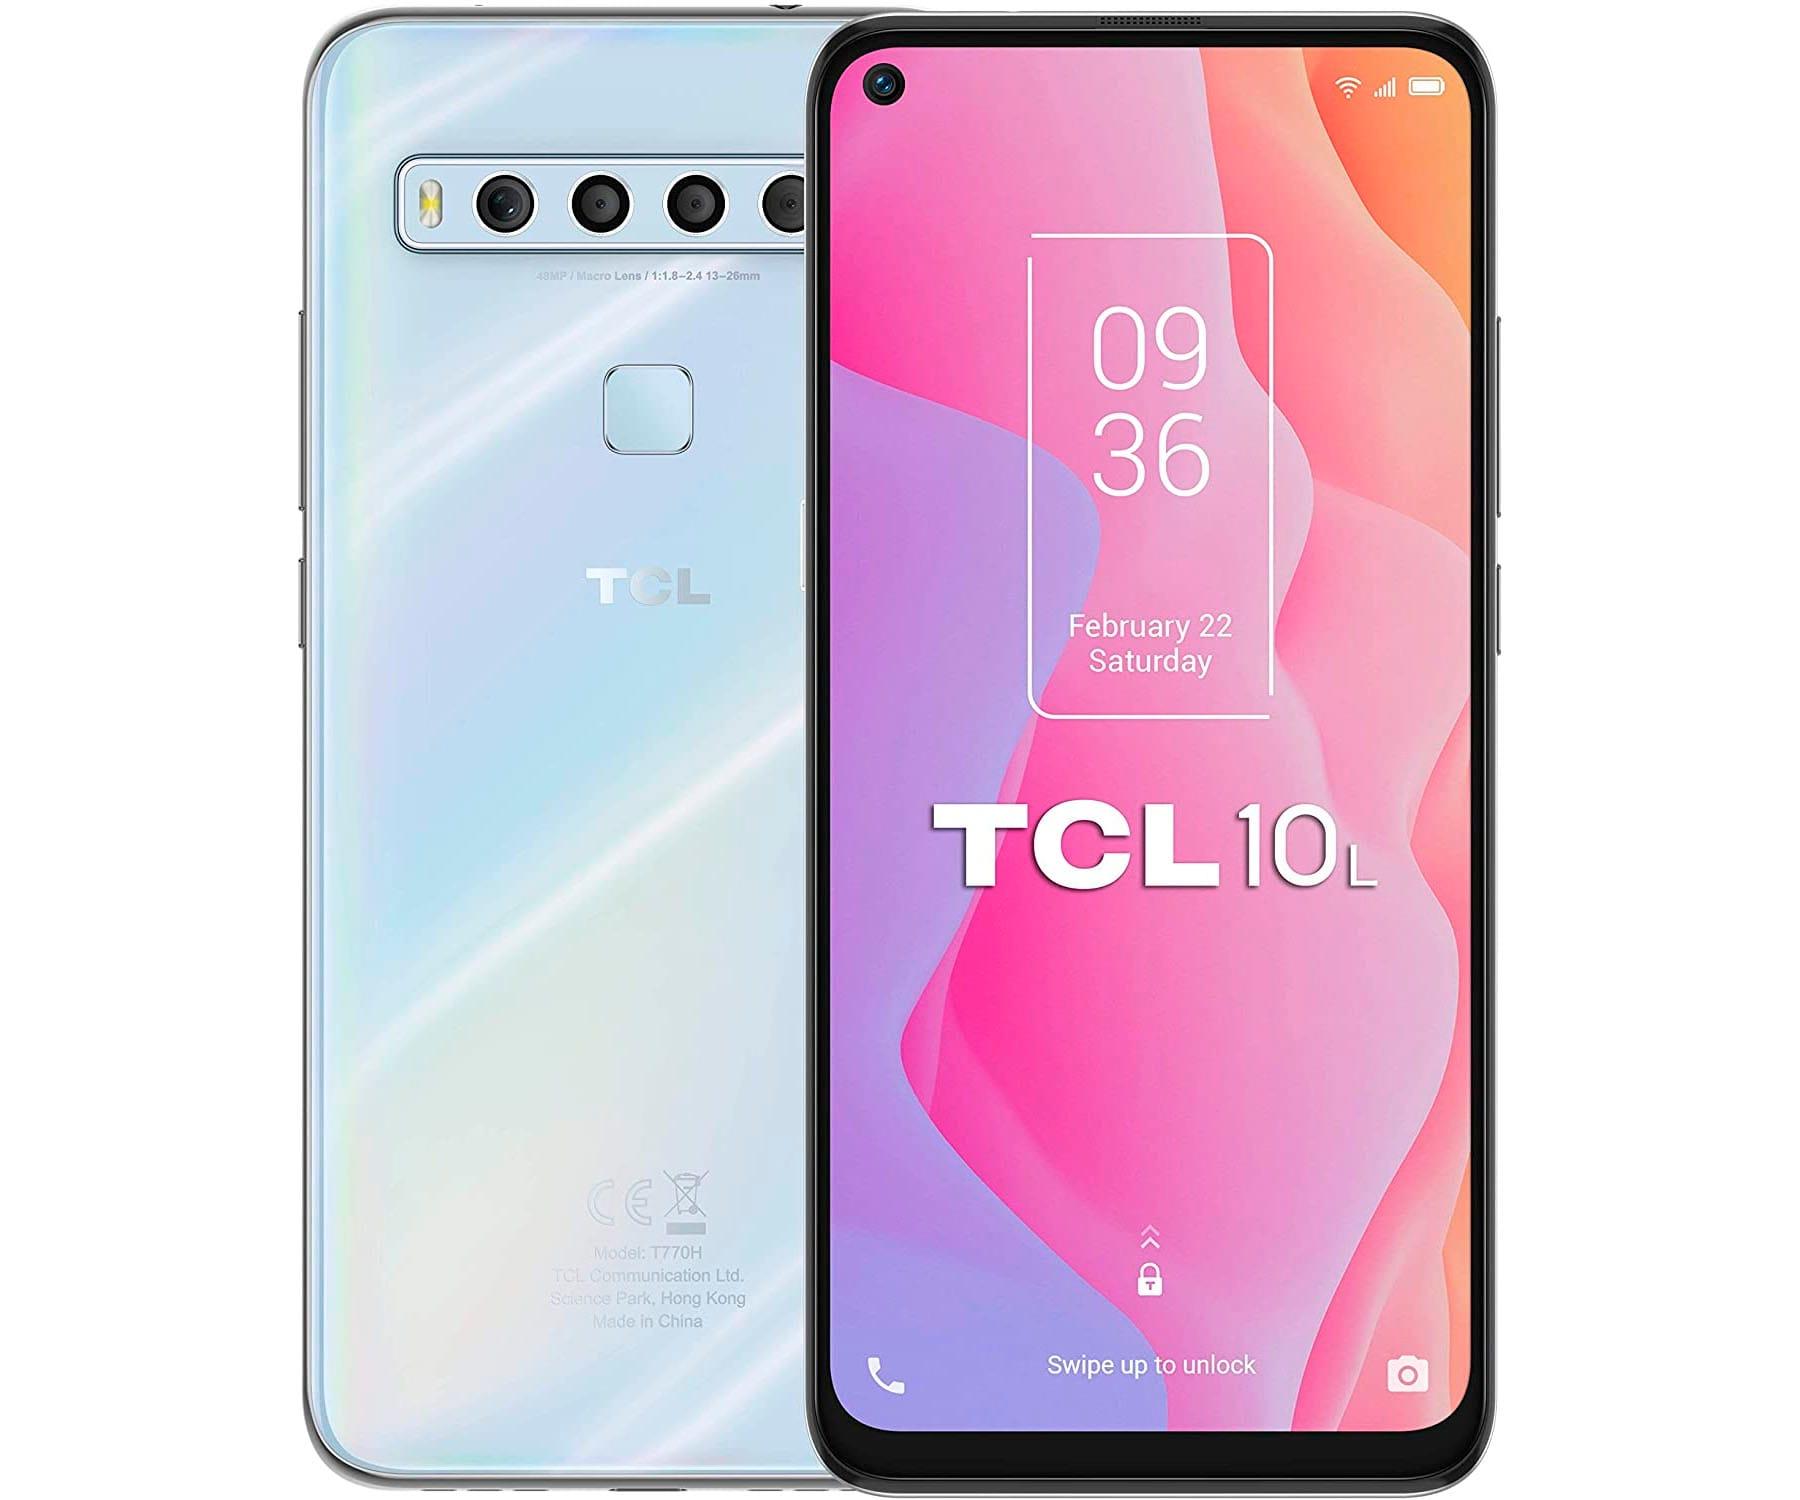 TCL 10L BLANCO MÓVIL 4G DUAL SIM 6.53'' FullHD+ OCTACORE 64GB 6GB RAM QUADCAM 48MP SELFIES 16MP